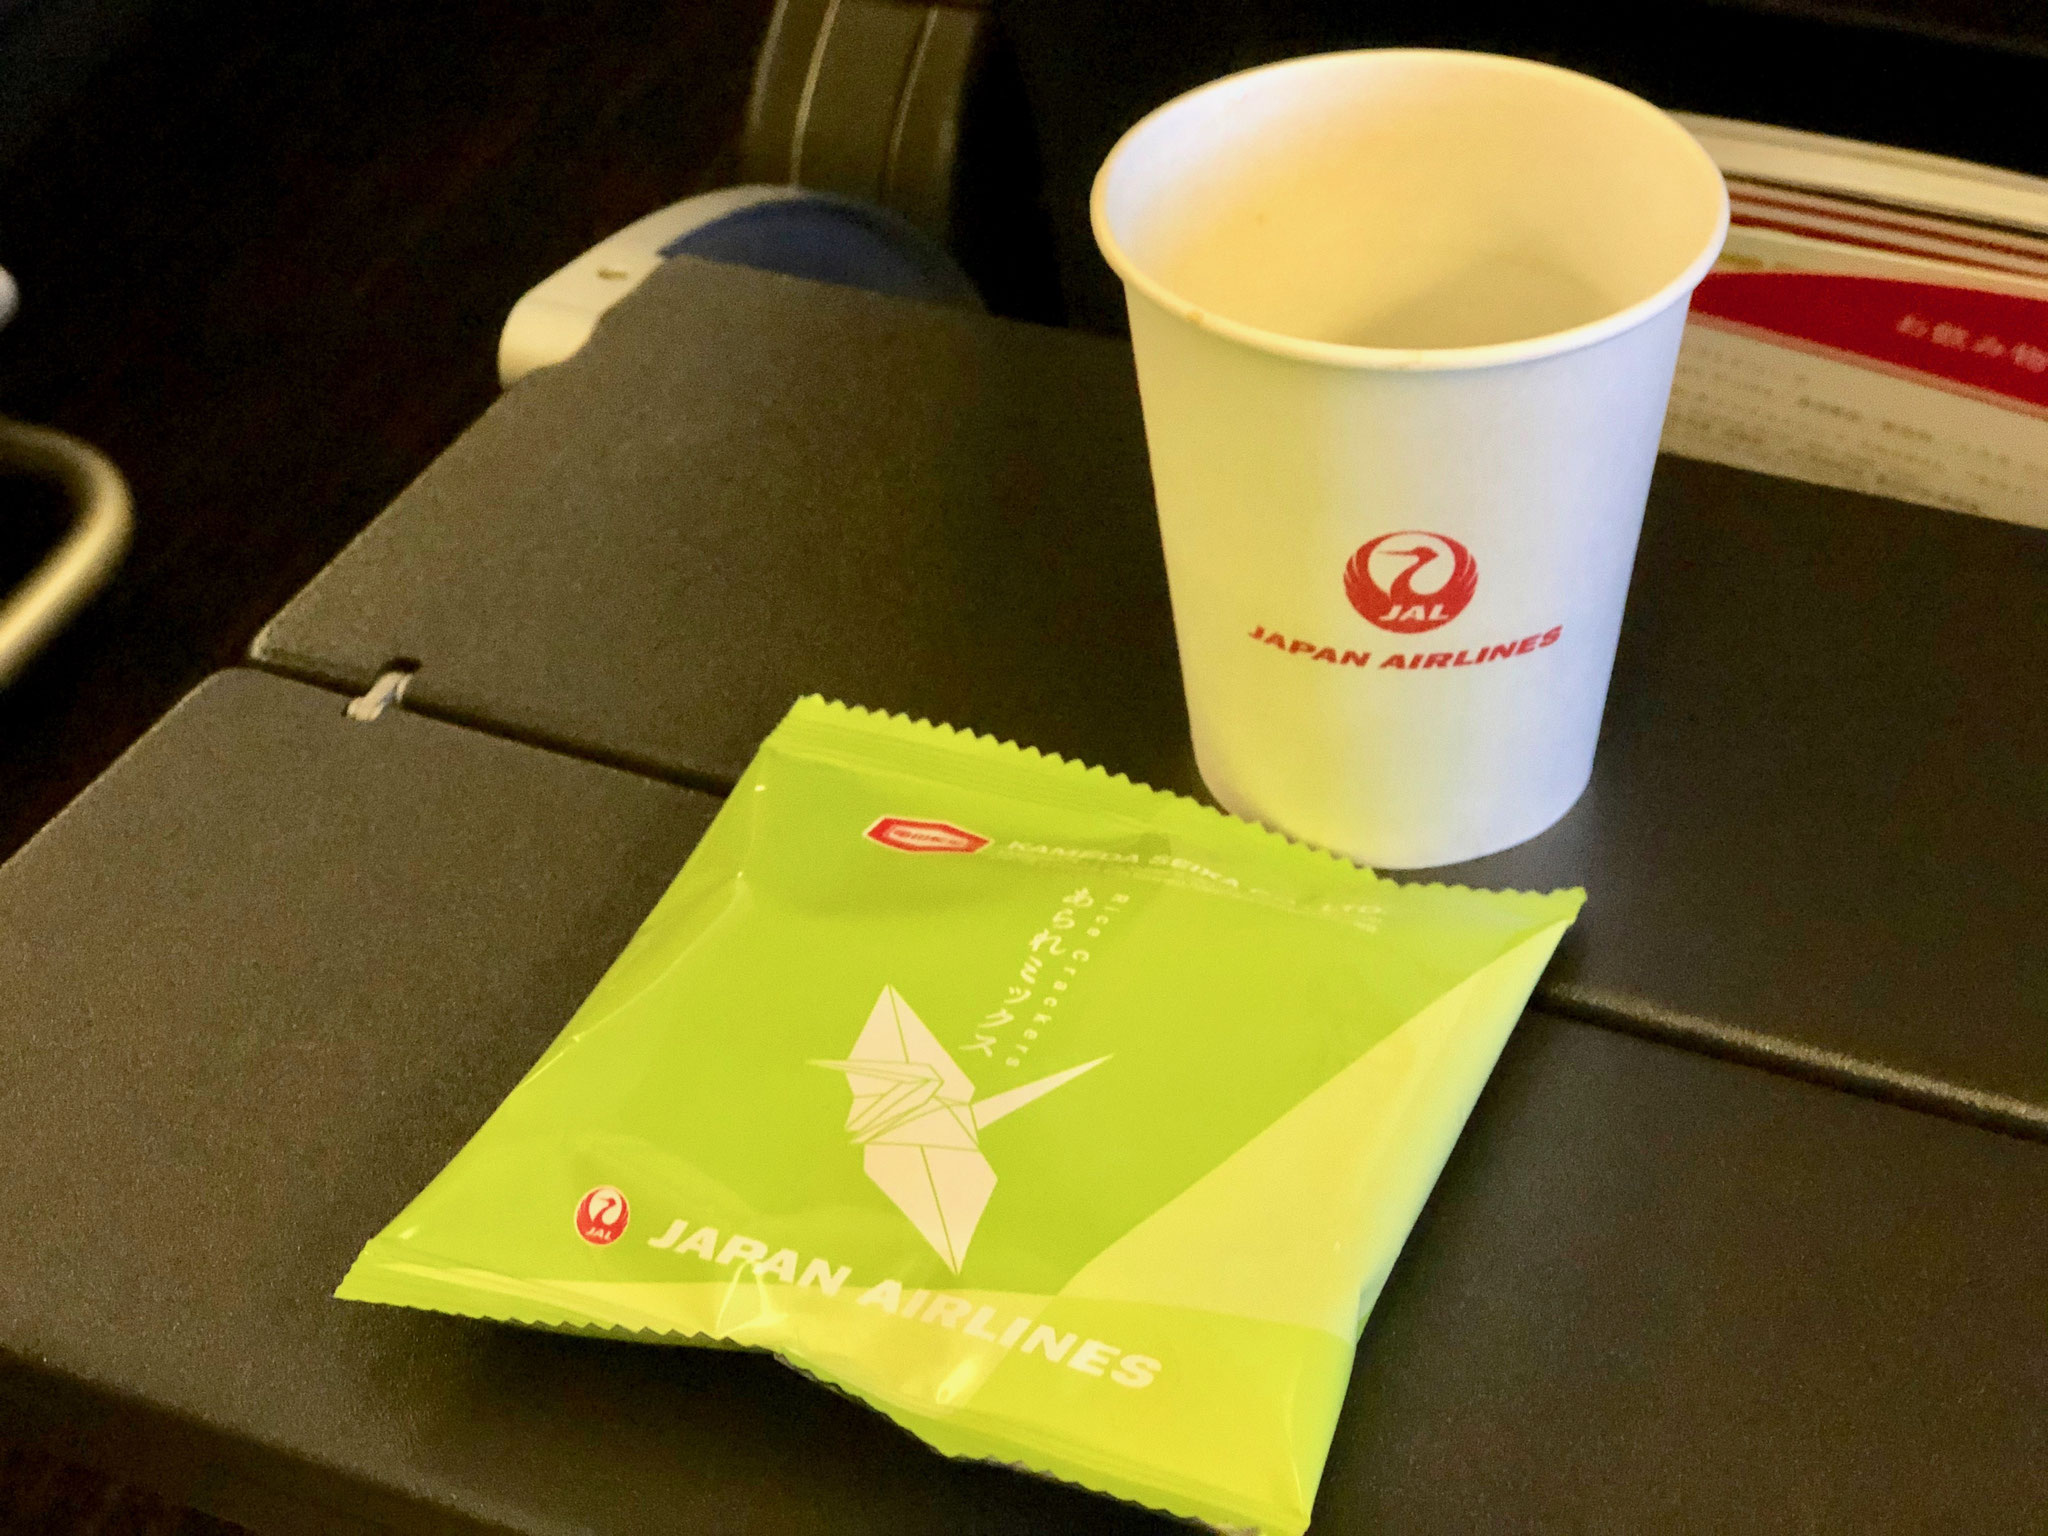 日本航空のベテラン客室乗務員が懇切丁寧に対応してくれた旅